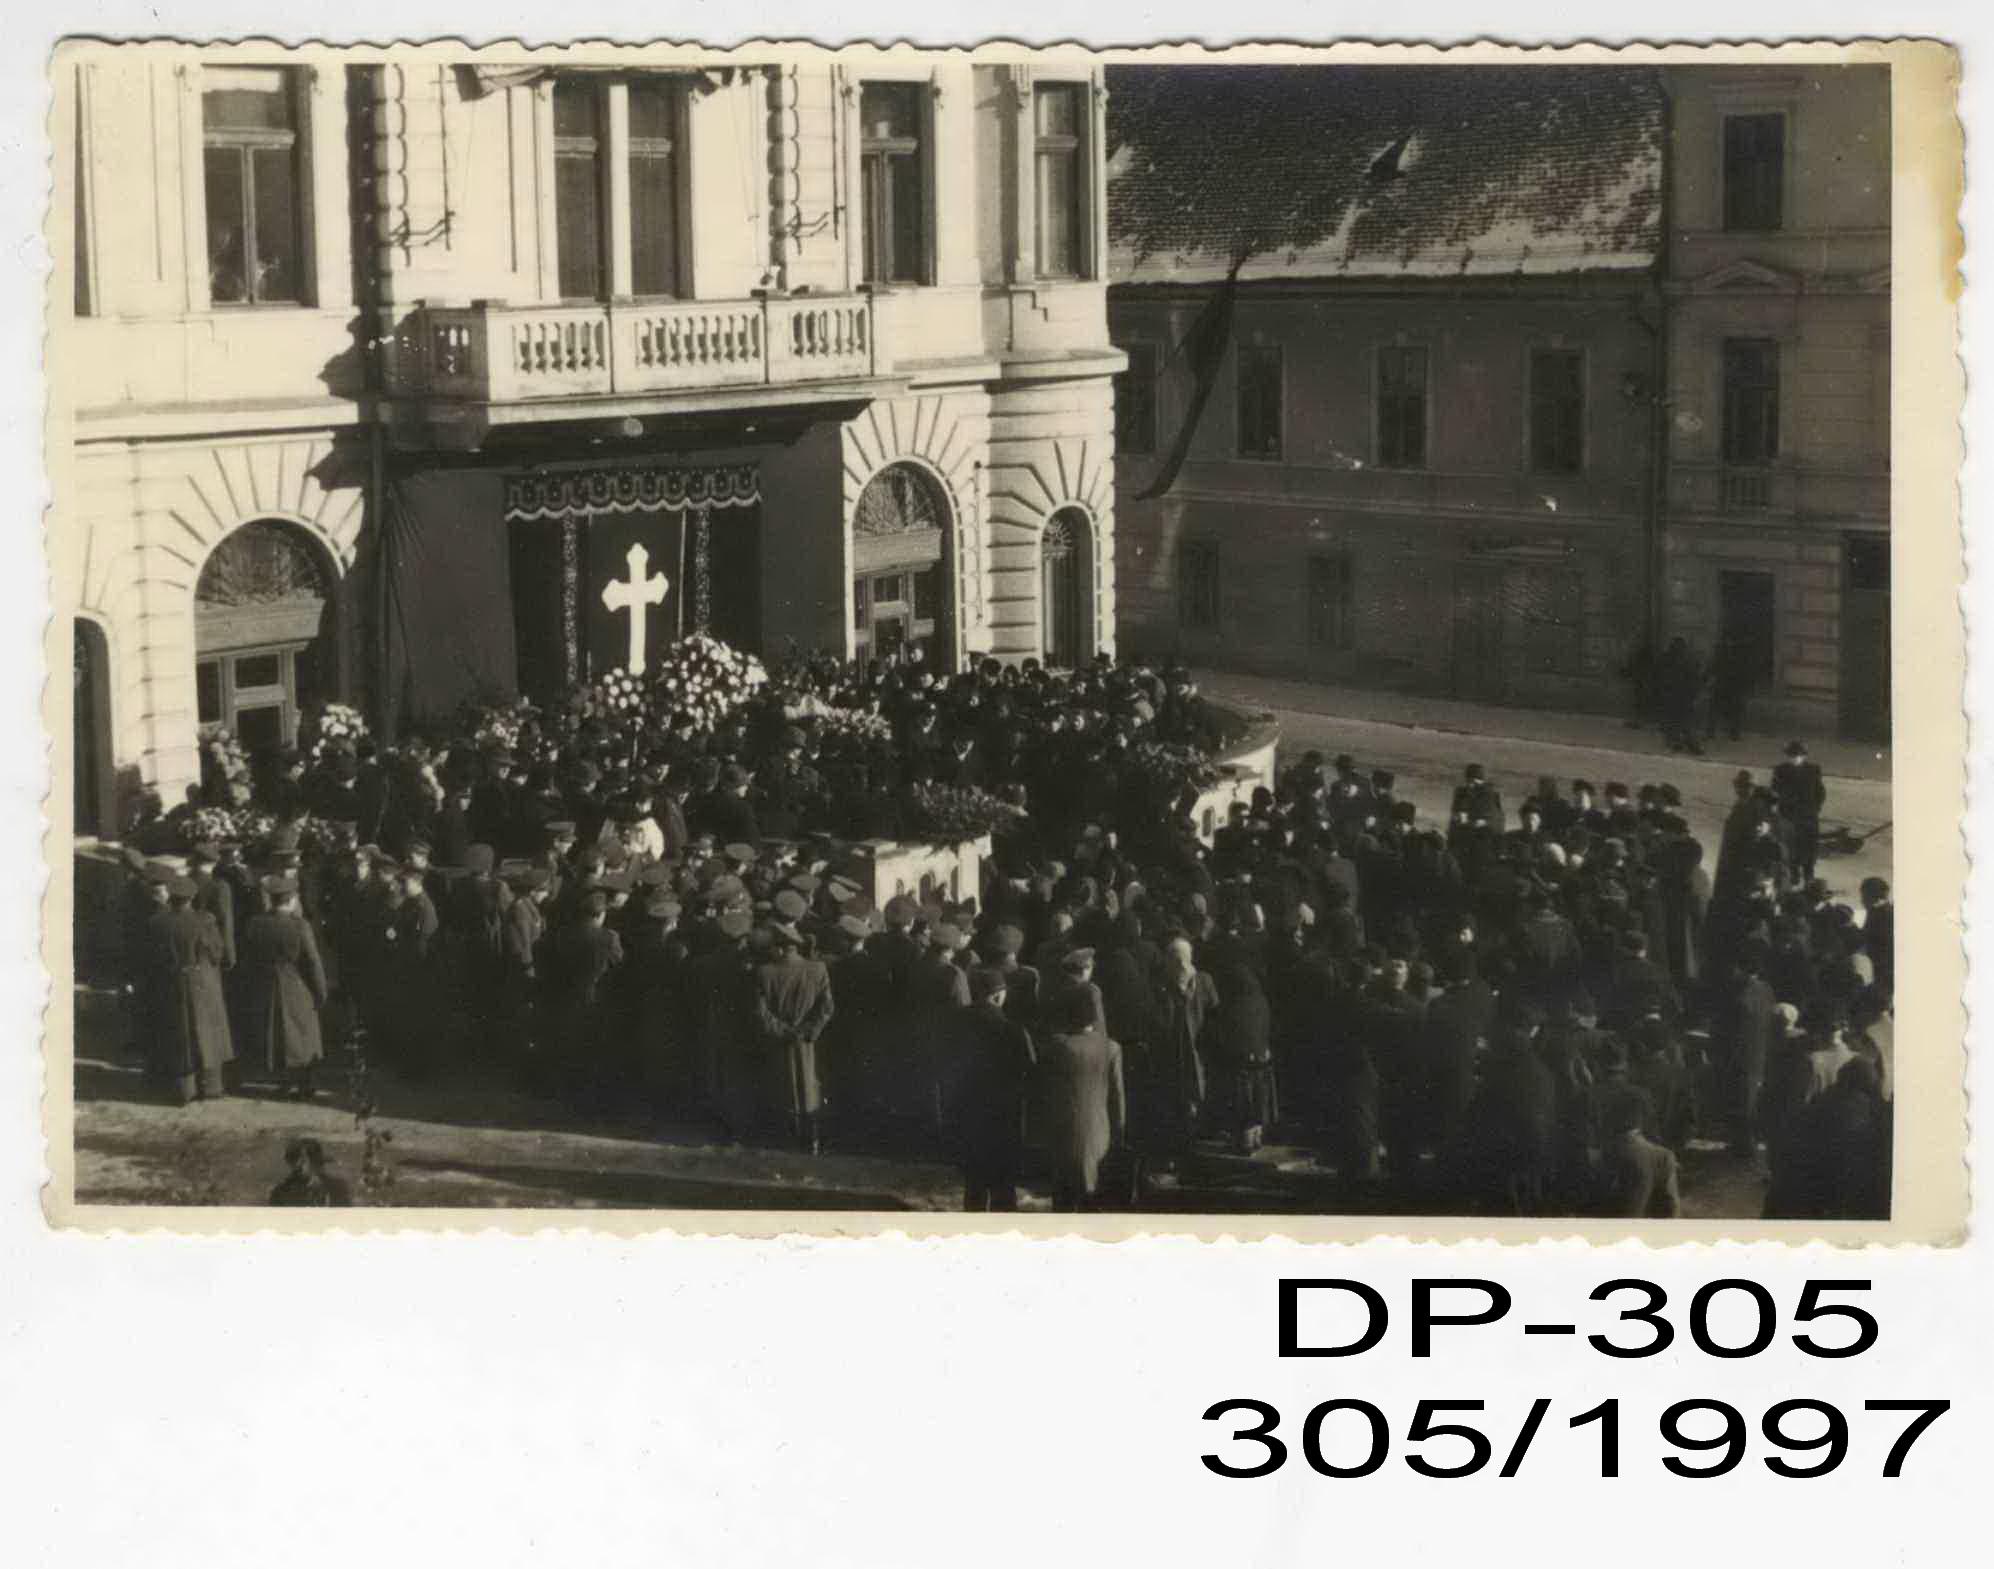 9b2d7846c Zhromaždenie smútiacich pred budovou Poštového úradu v Banskej Bystrici. Poštové  múzeum